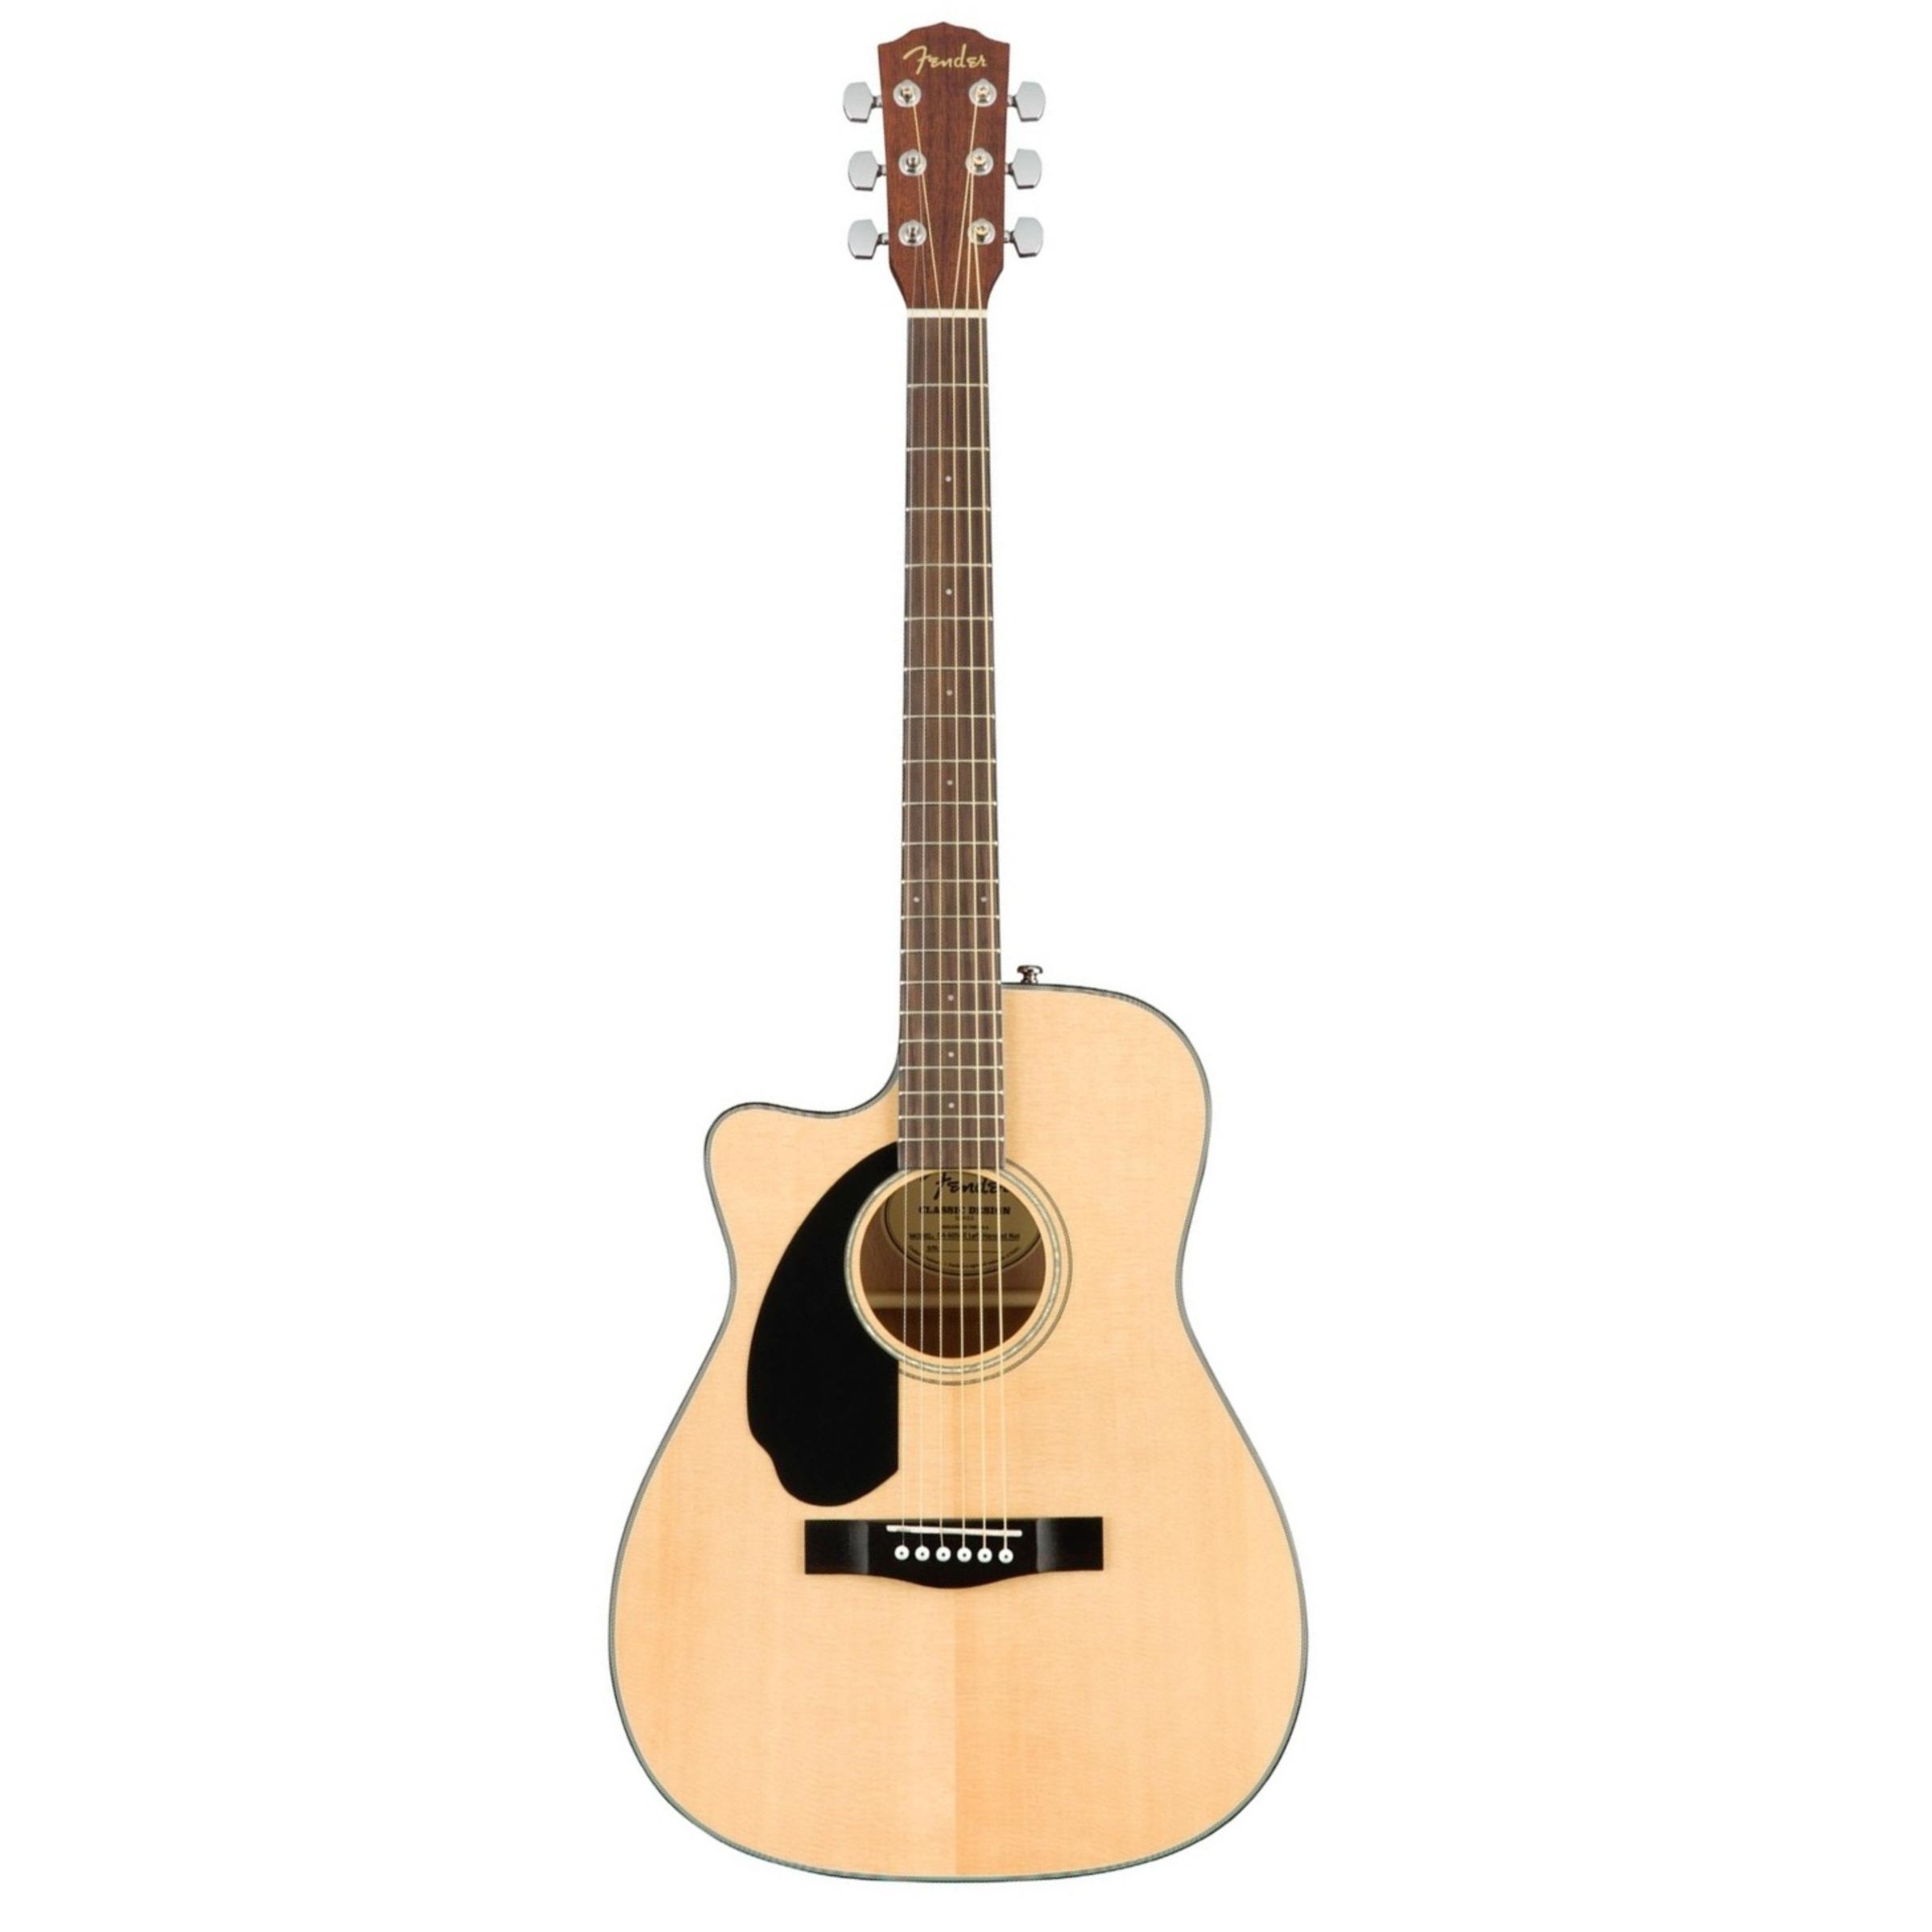 fender cc60sce left handed solid top concert electro acoustic guitar natural giggear. Black Bedroom Furniture Sets. Home Design Ideas